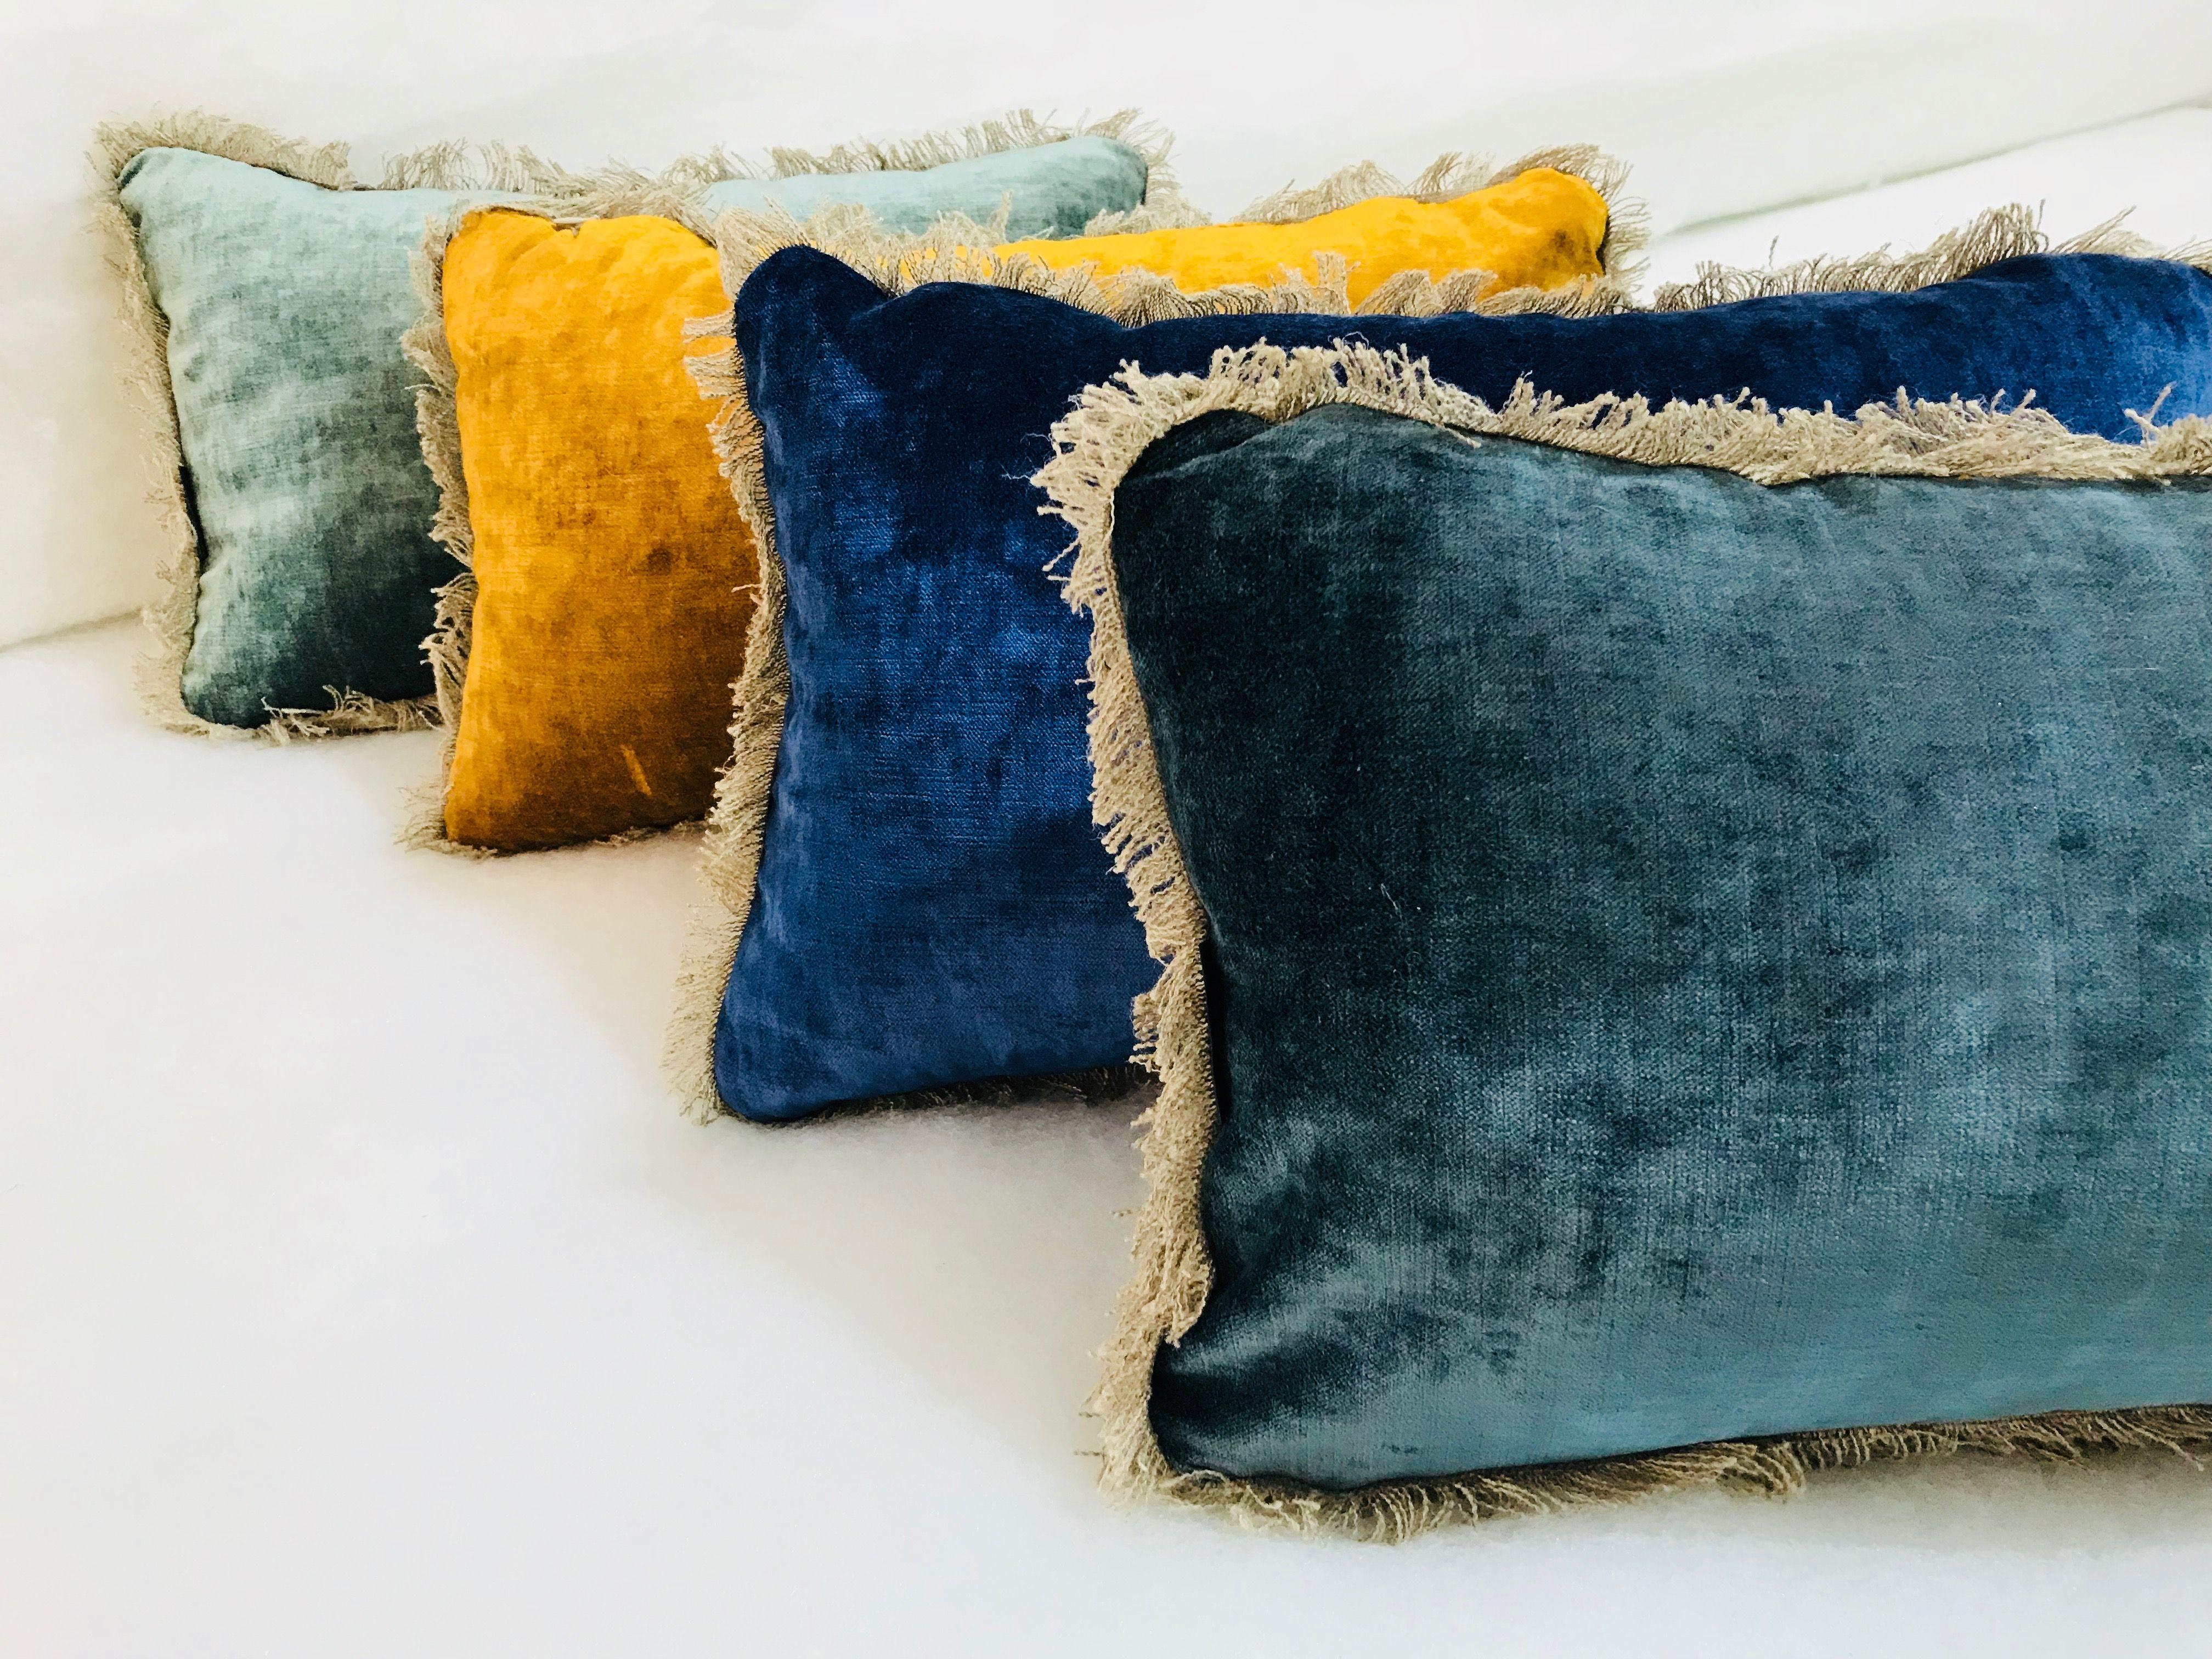 Coussins Tsar En Velours Lave Bleu Canard Bleu Outremer Curry Et Vert Celadon Coussin Velours Coussin Coussin Lit